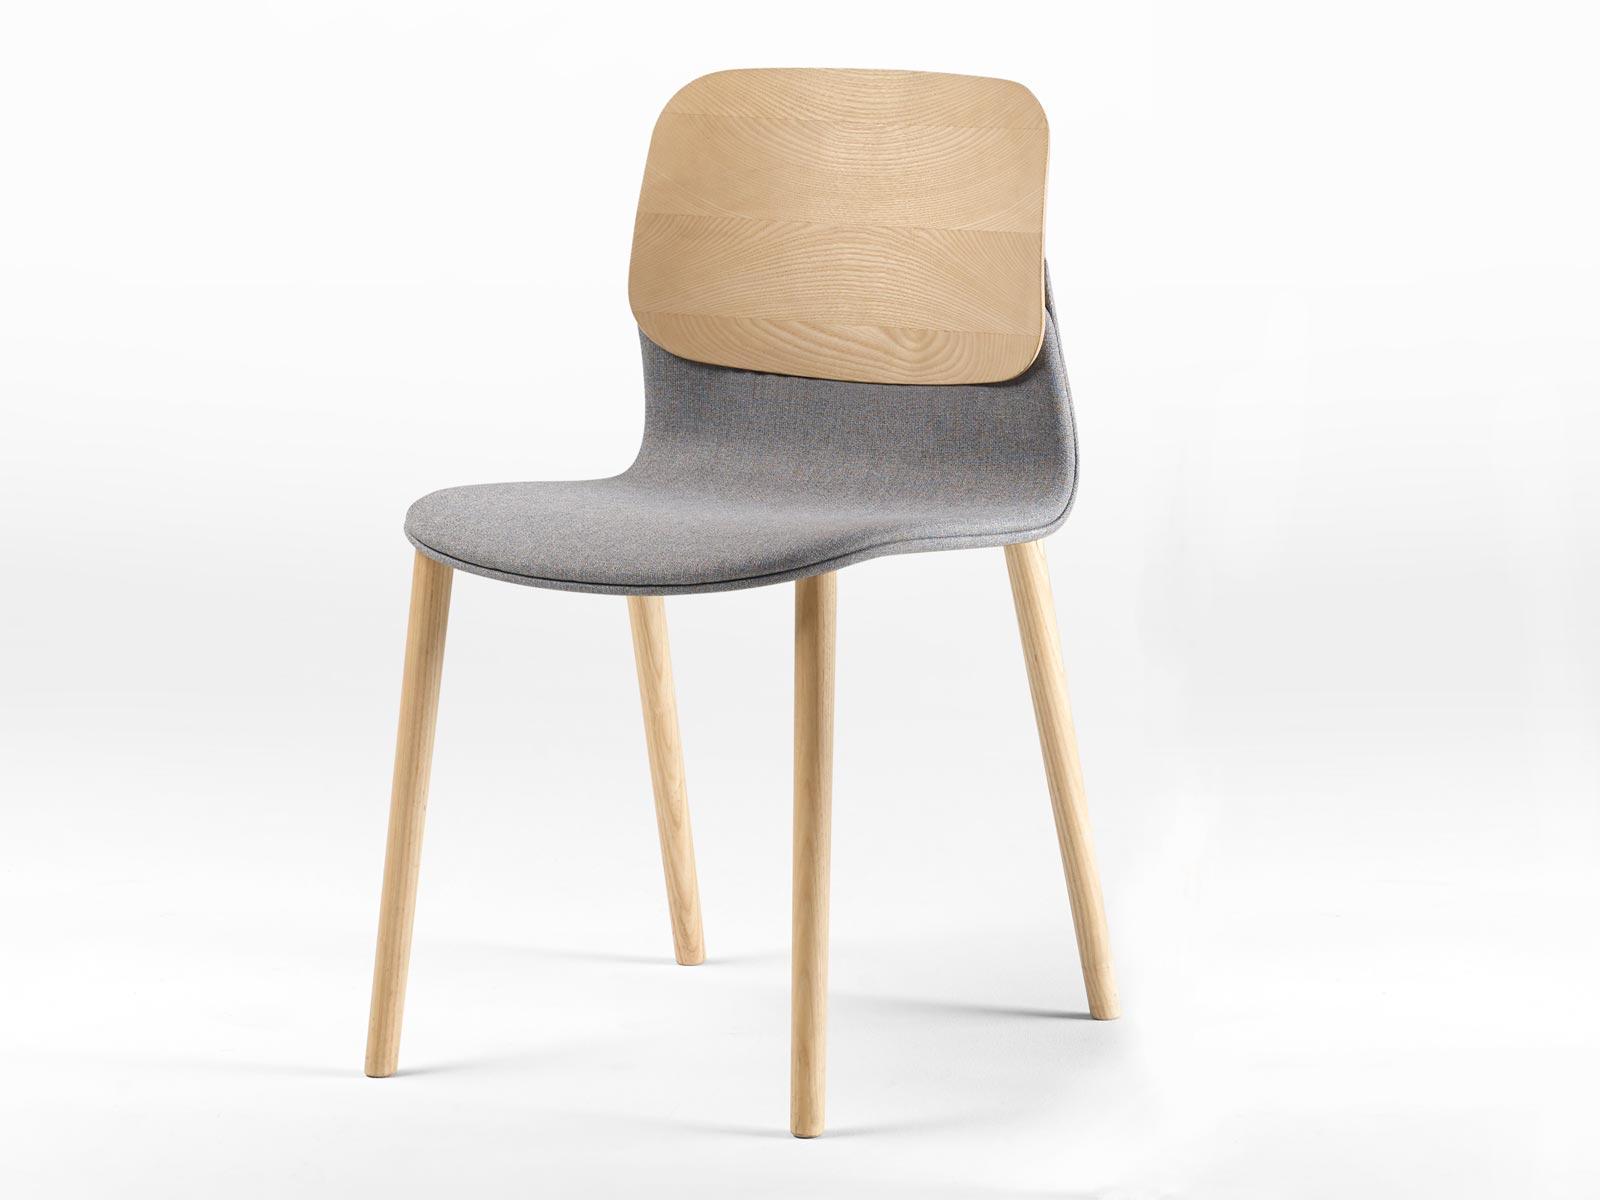 Chaise en bois tapissée Klik (lot de 2 ou 3 chaises)